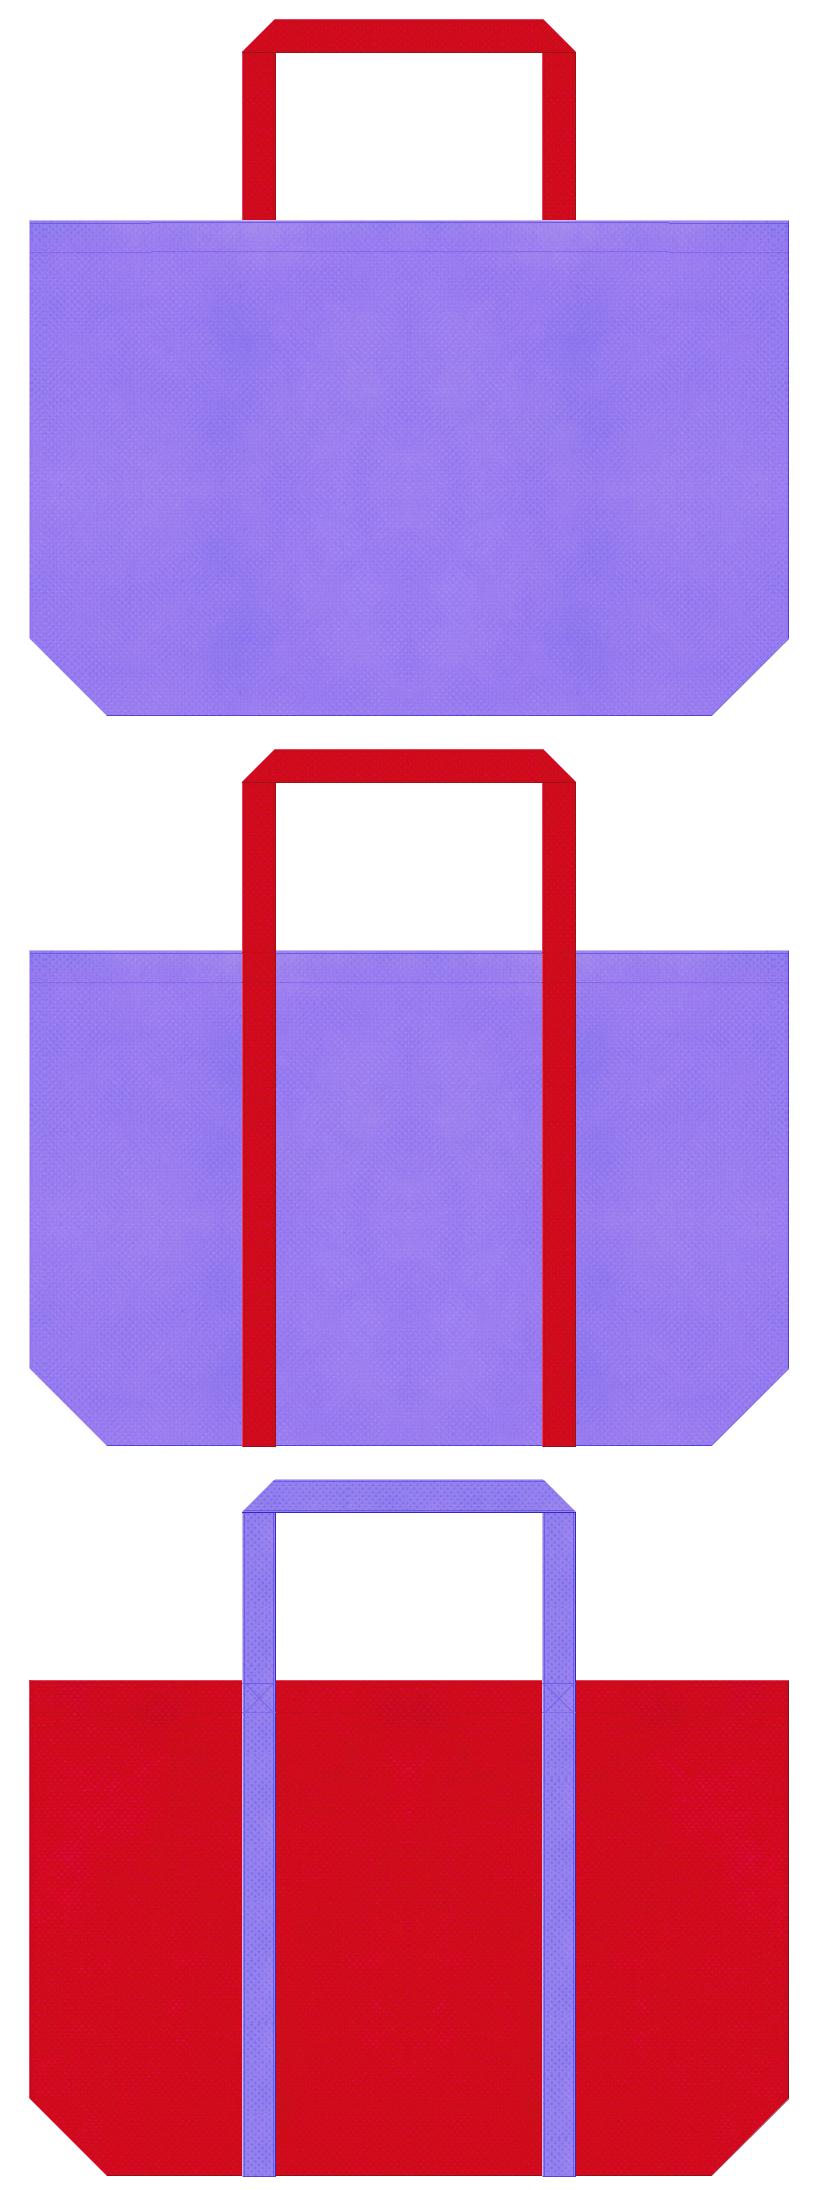 薄紫色と紅色の不織布ショッピングバッグデザイン。